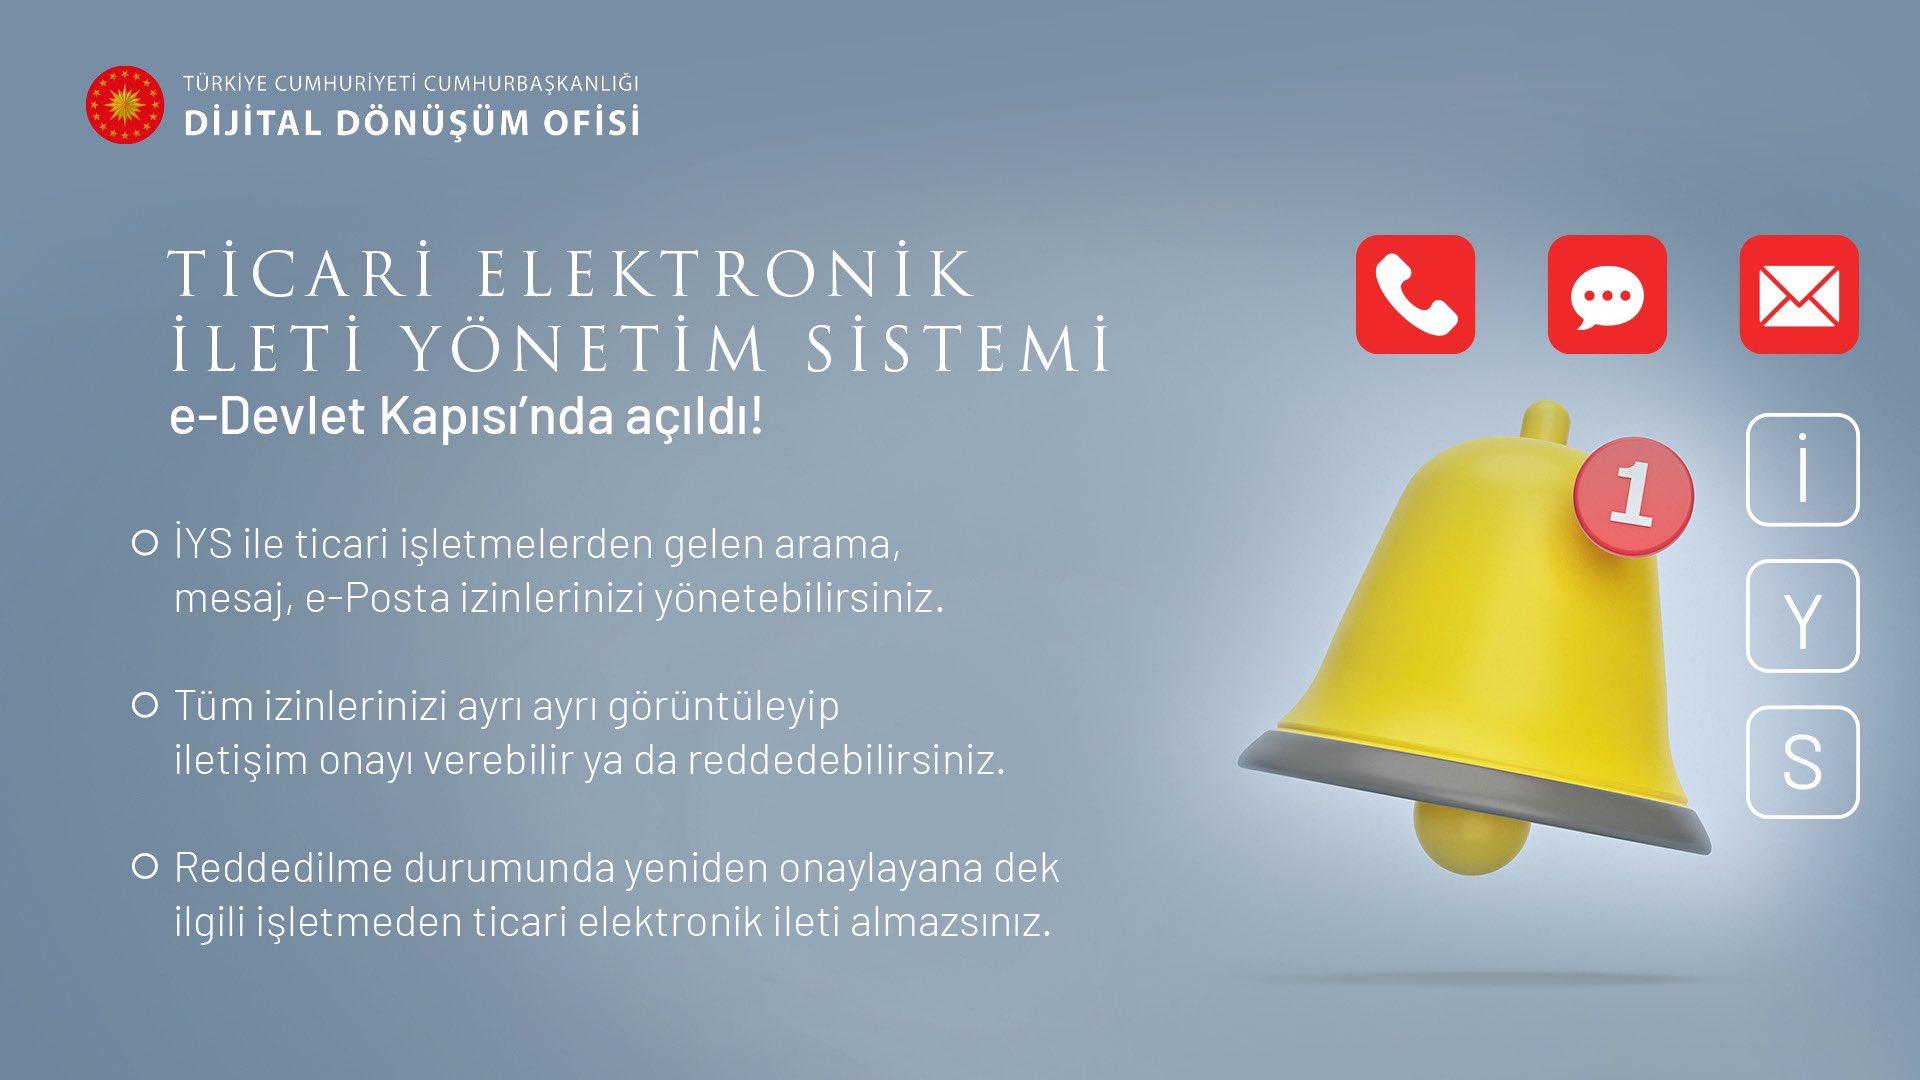 İstenmeyen aramaları engellemek için Ticari Elektronik İleti Yönetim Sistemi, e-Devlet'te kullanıma açıldı